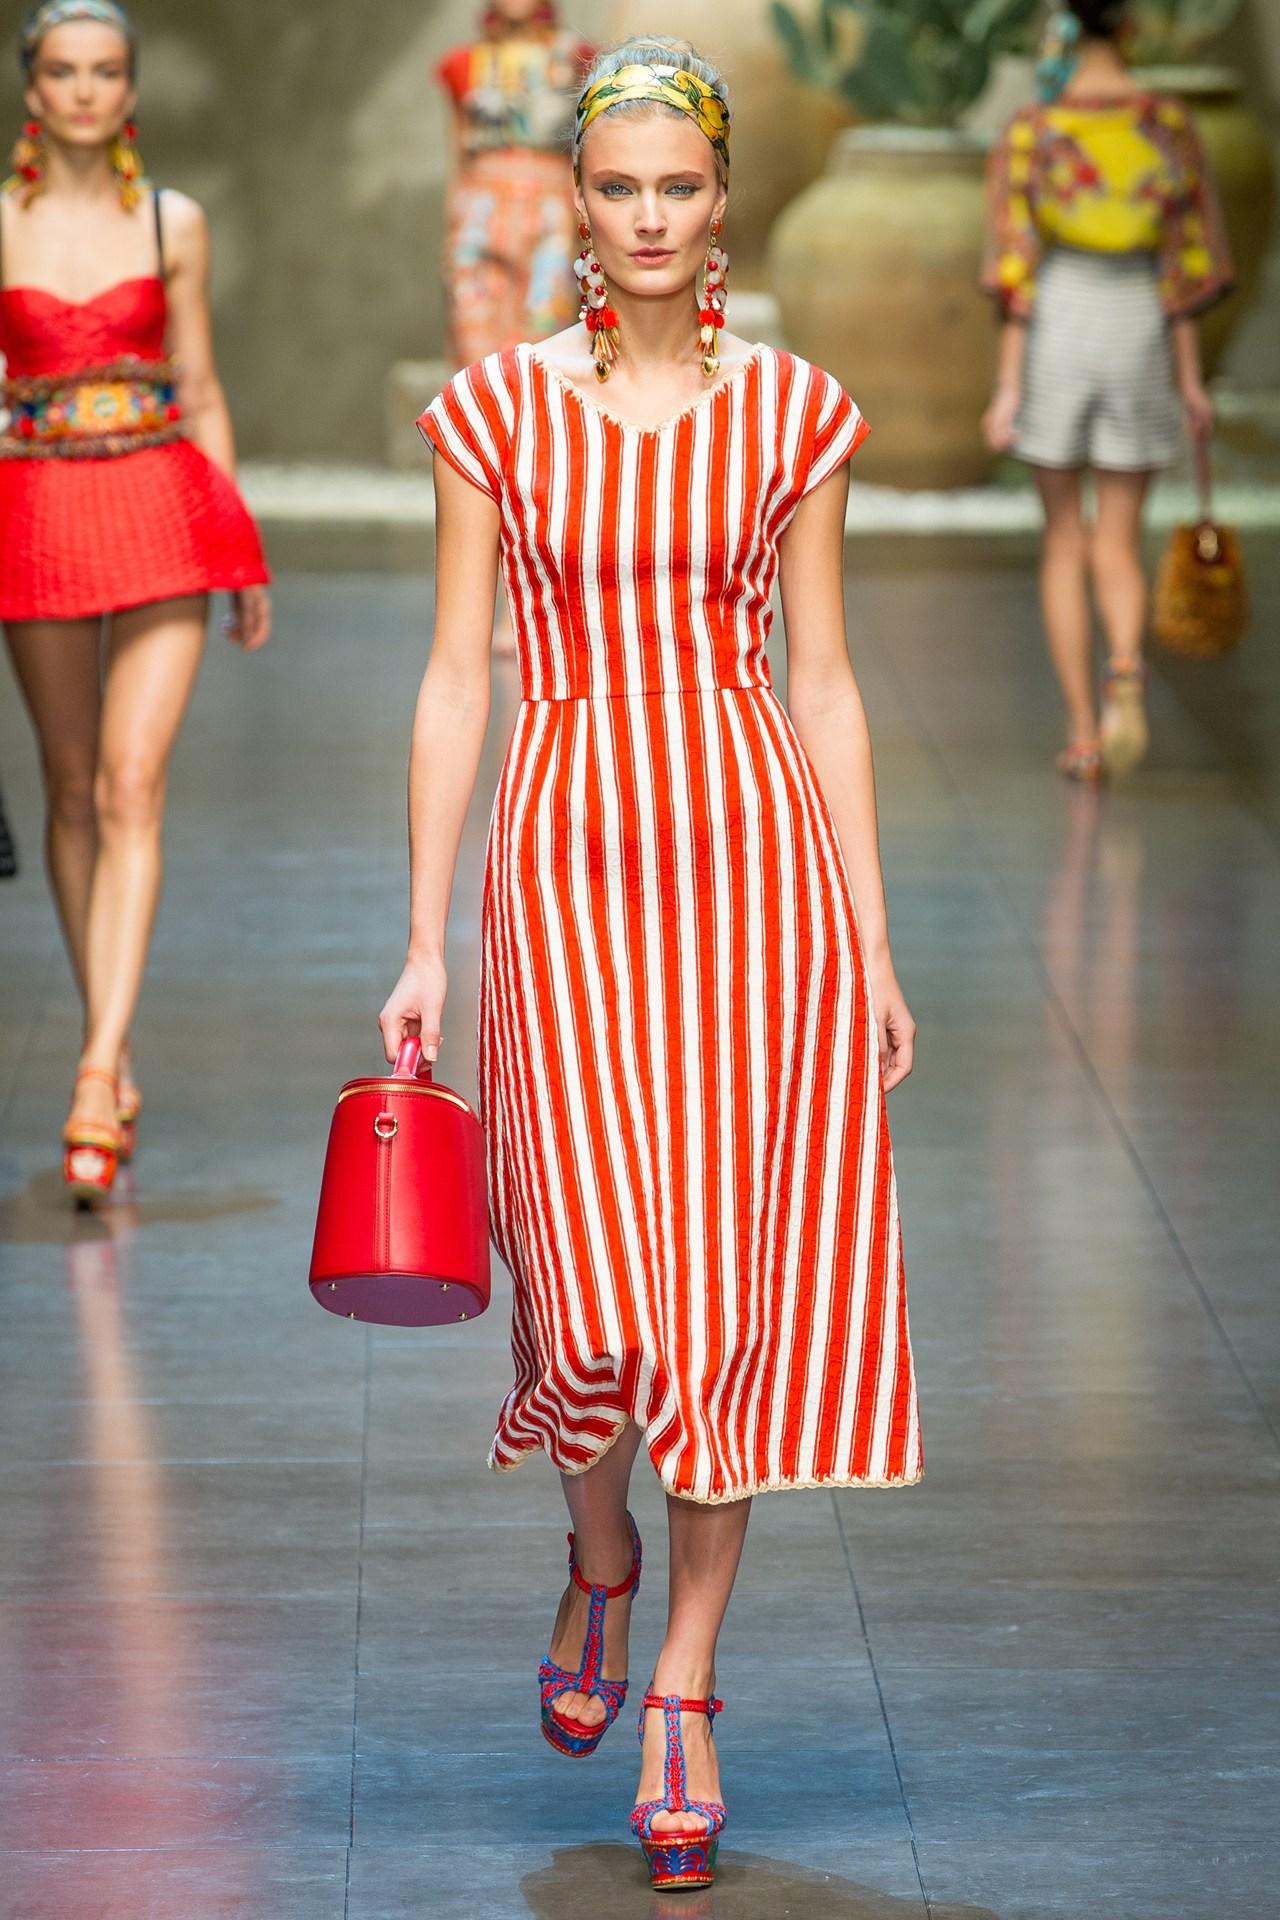 На фото: платье в вертикальную красную полоску с красной сумкой и красных босоножках.